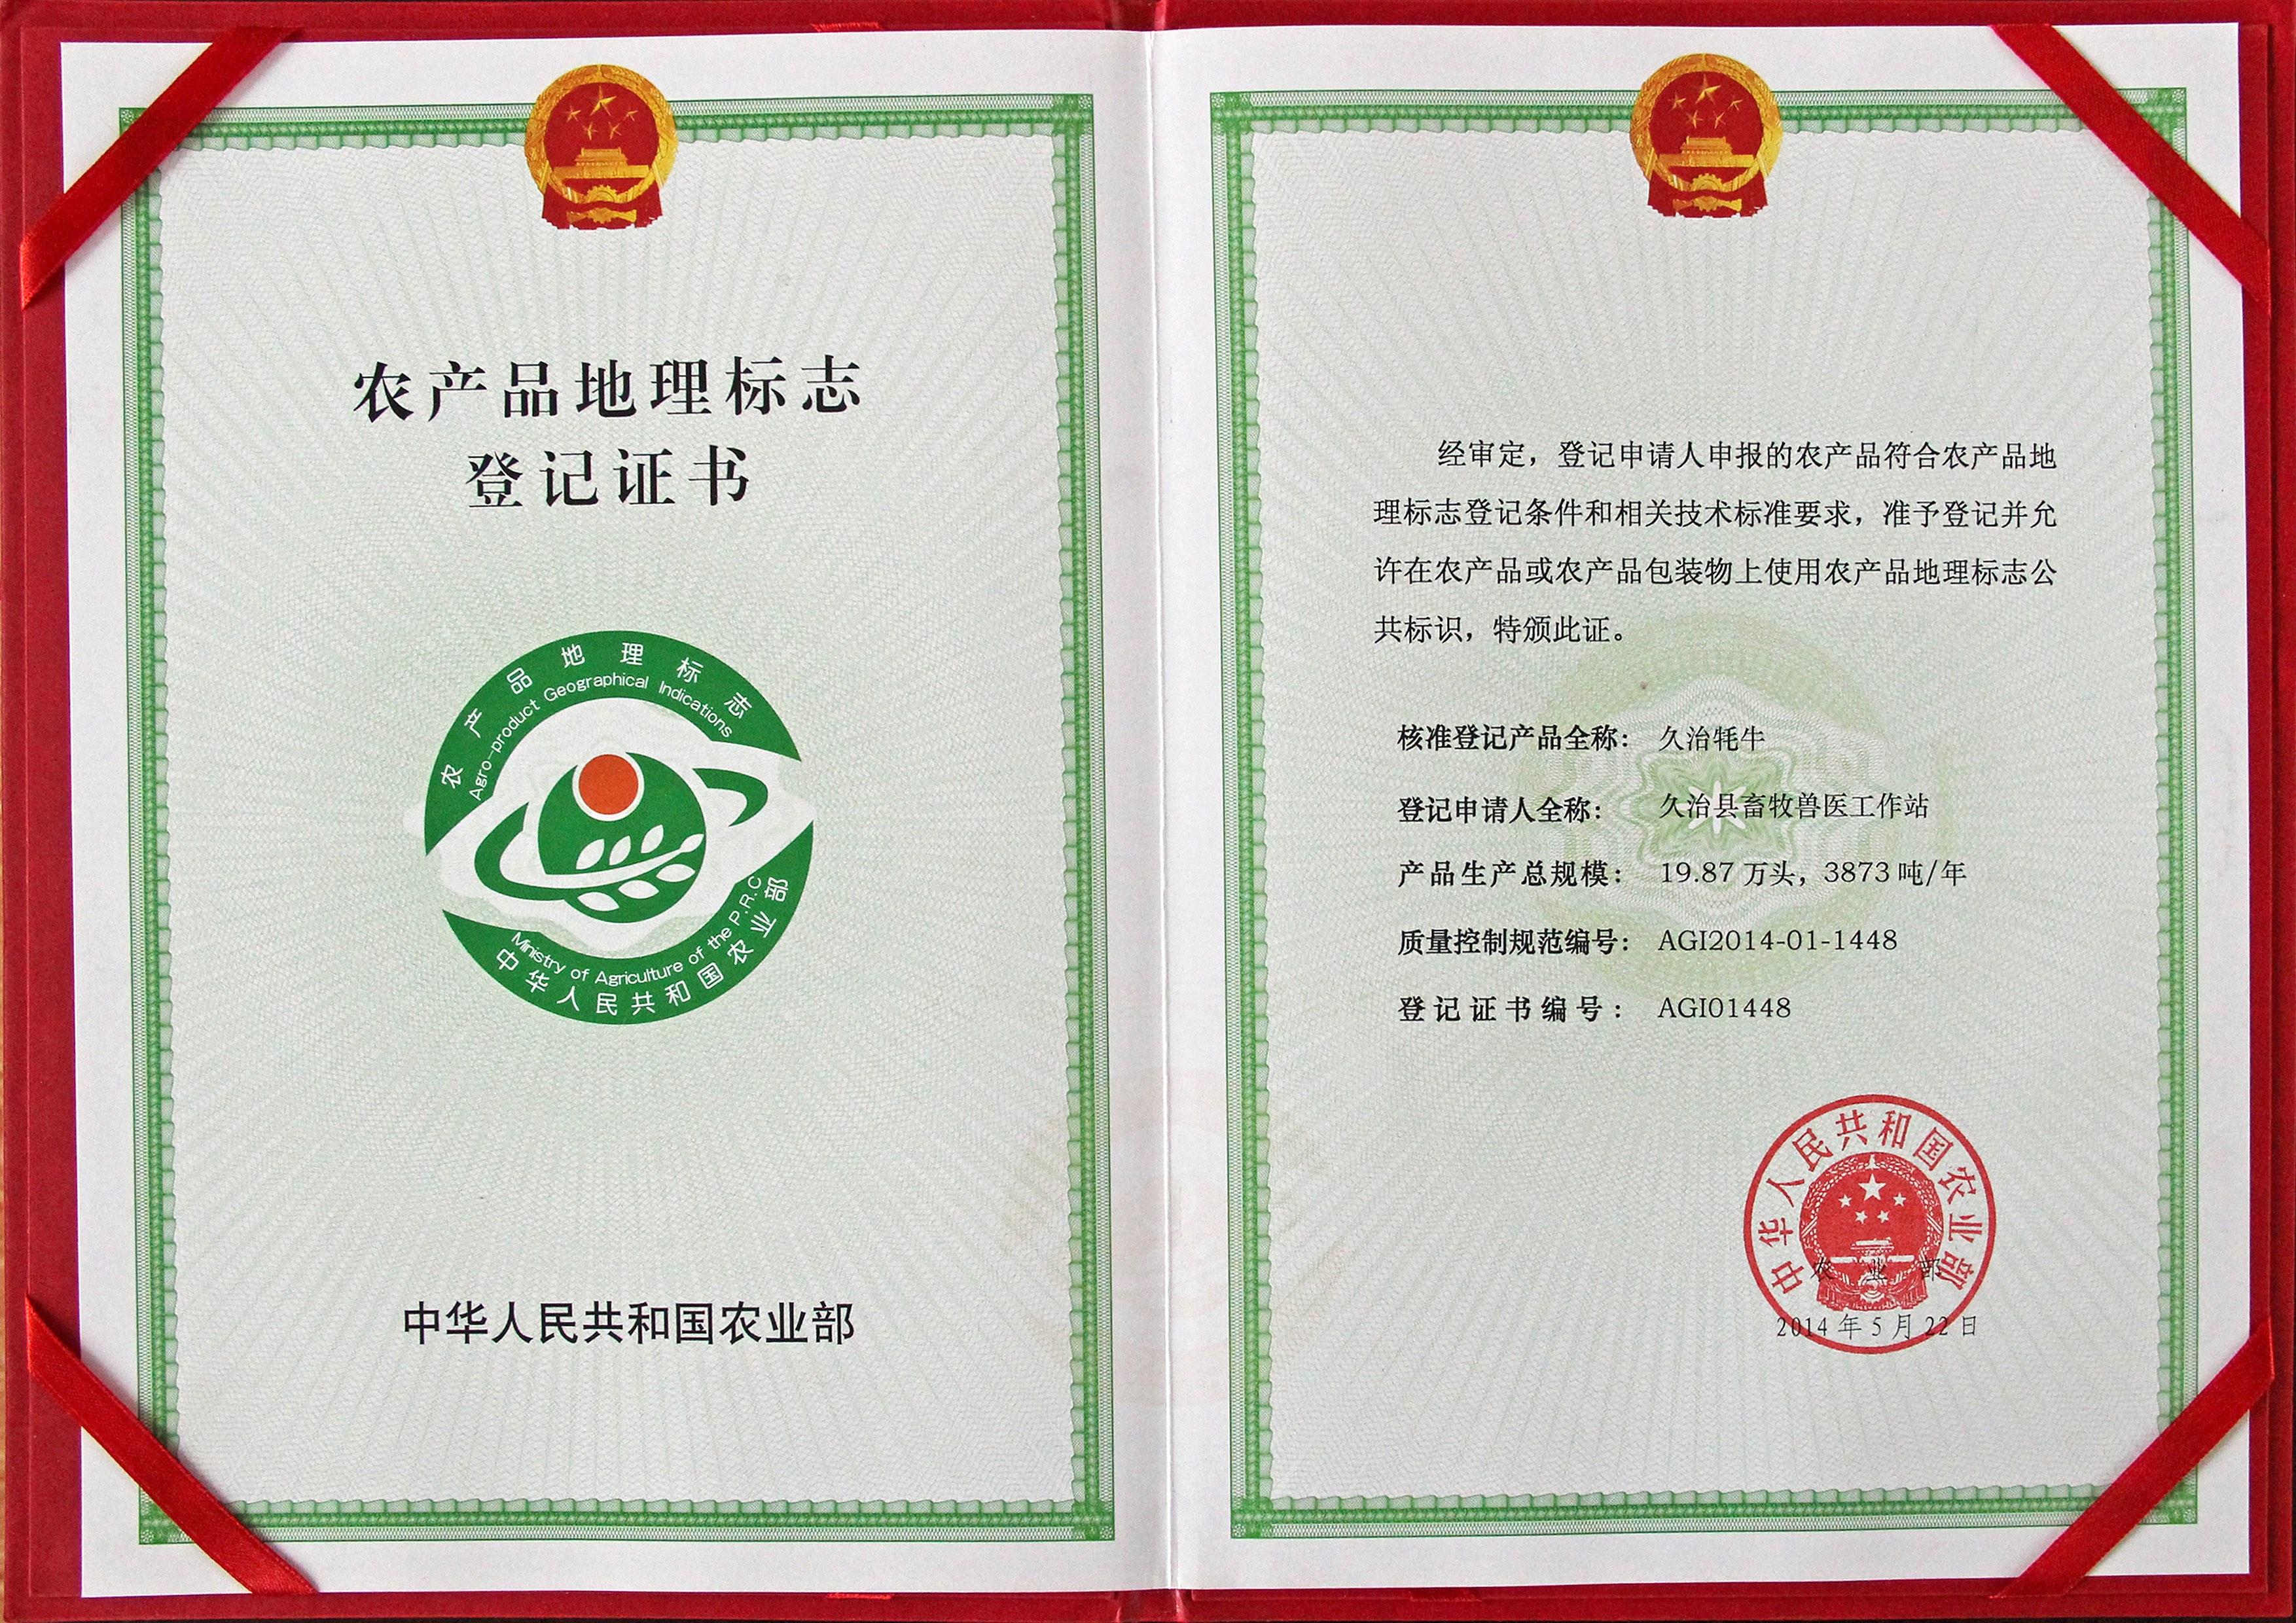 地理标志证书